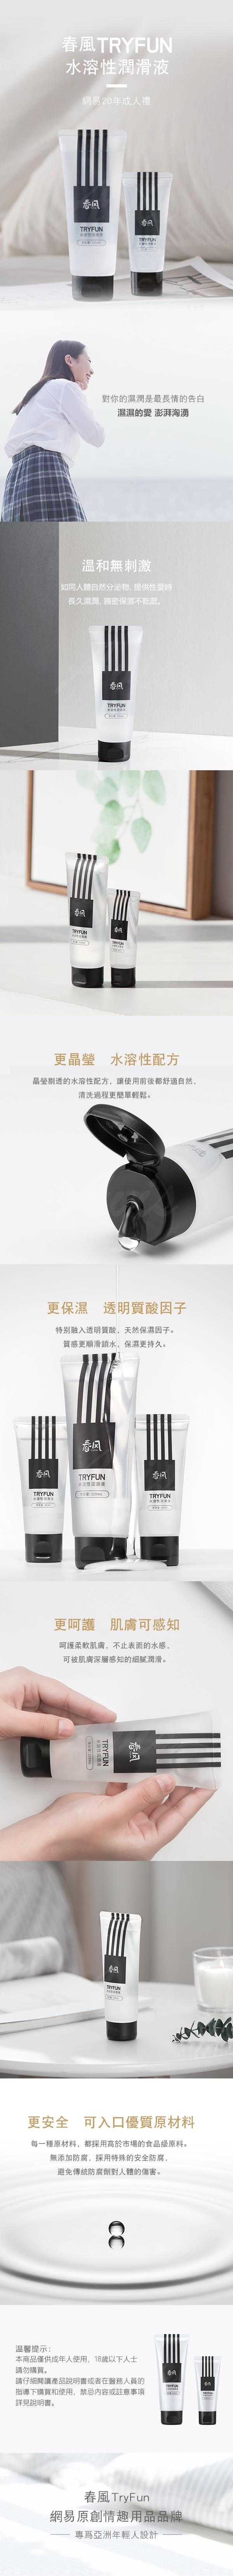 春風TryFun-水溶性人體潤滑液 110ml